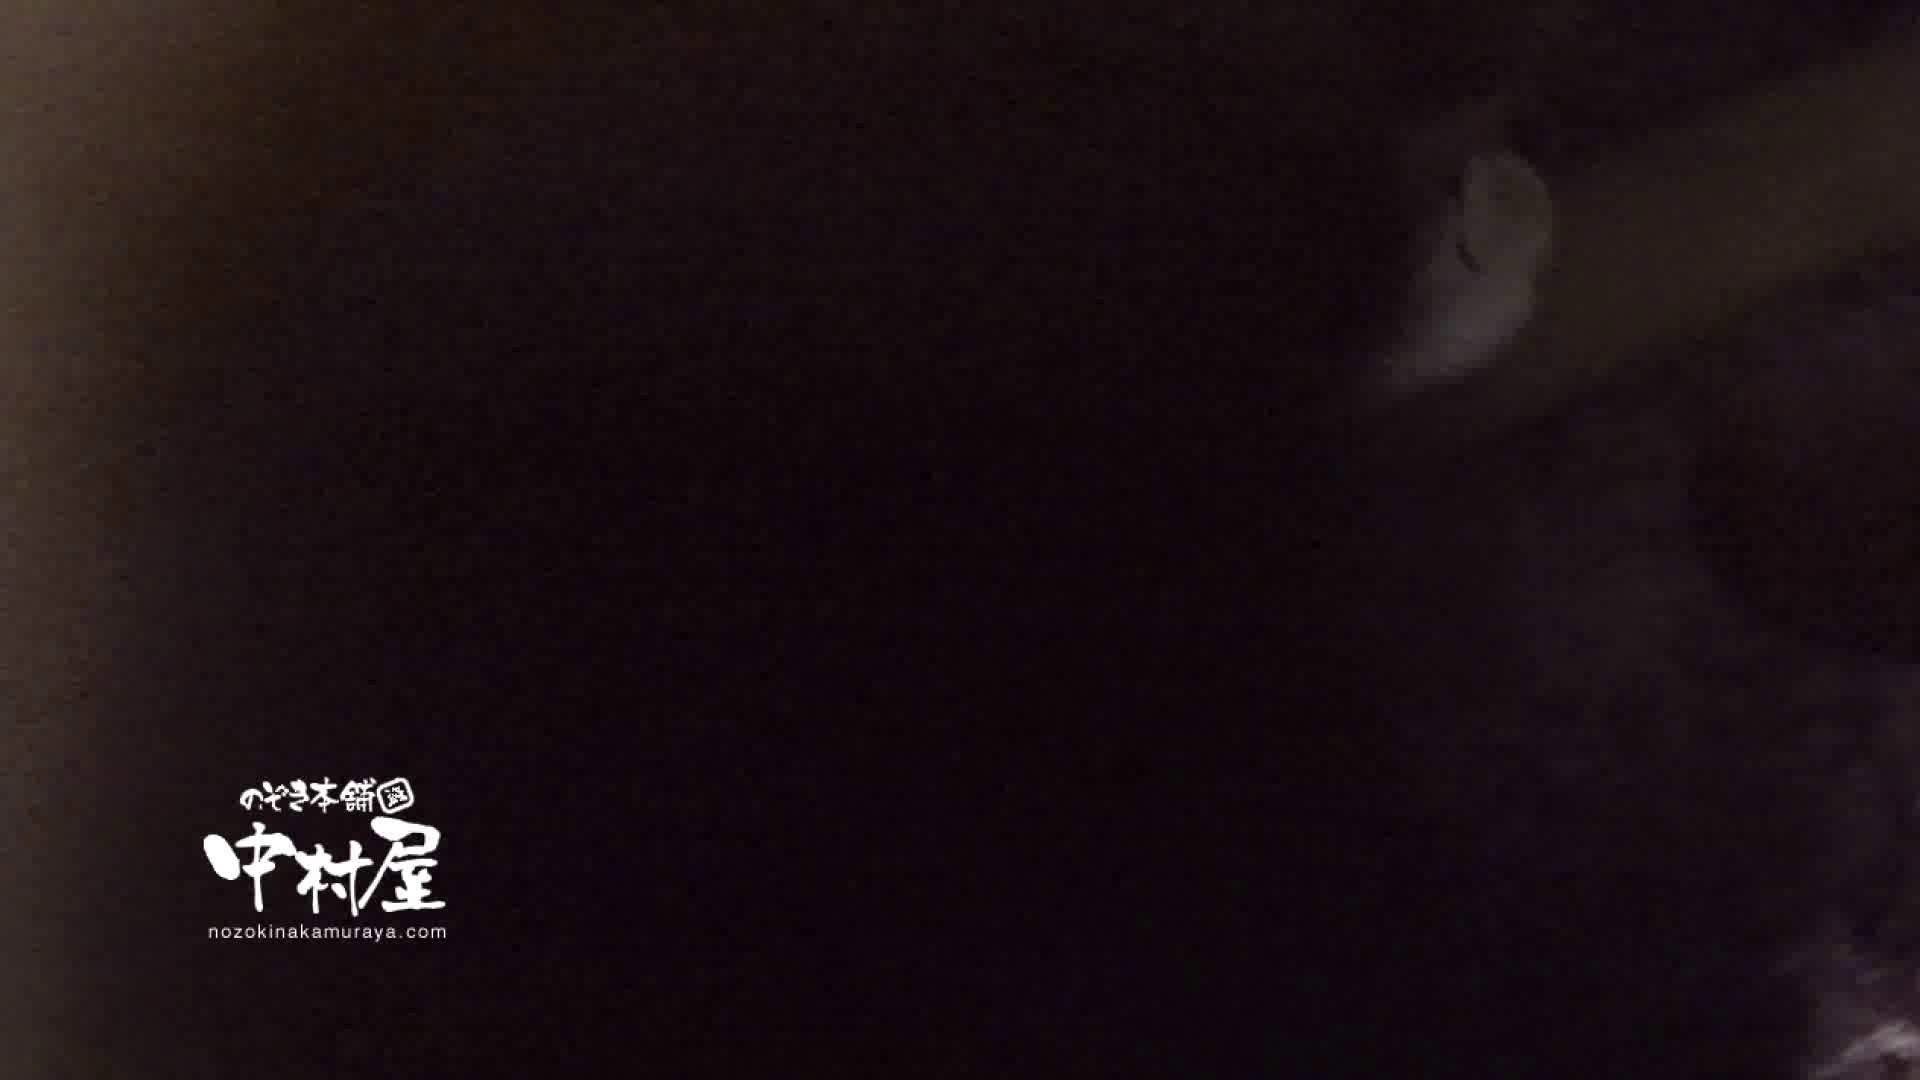 鬼畜 vol.10 あぁ無情…中出しパイパン! 前編 OL女体 盗撮動画紹介 101連発 46